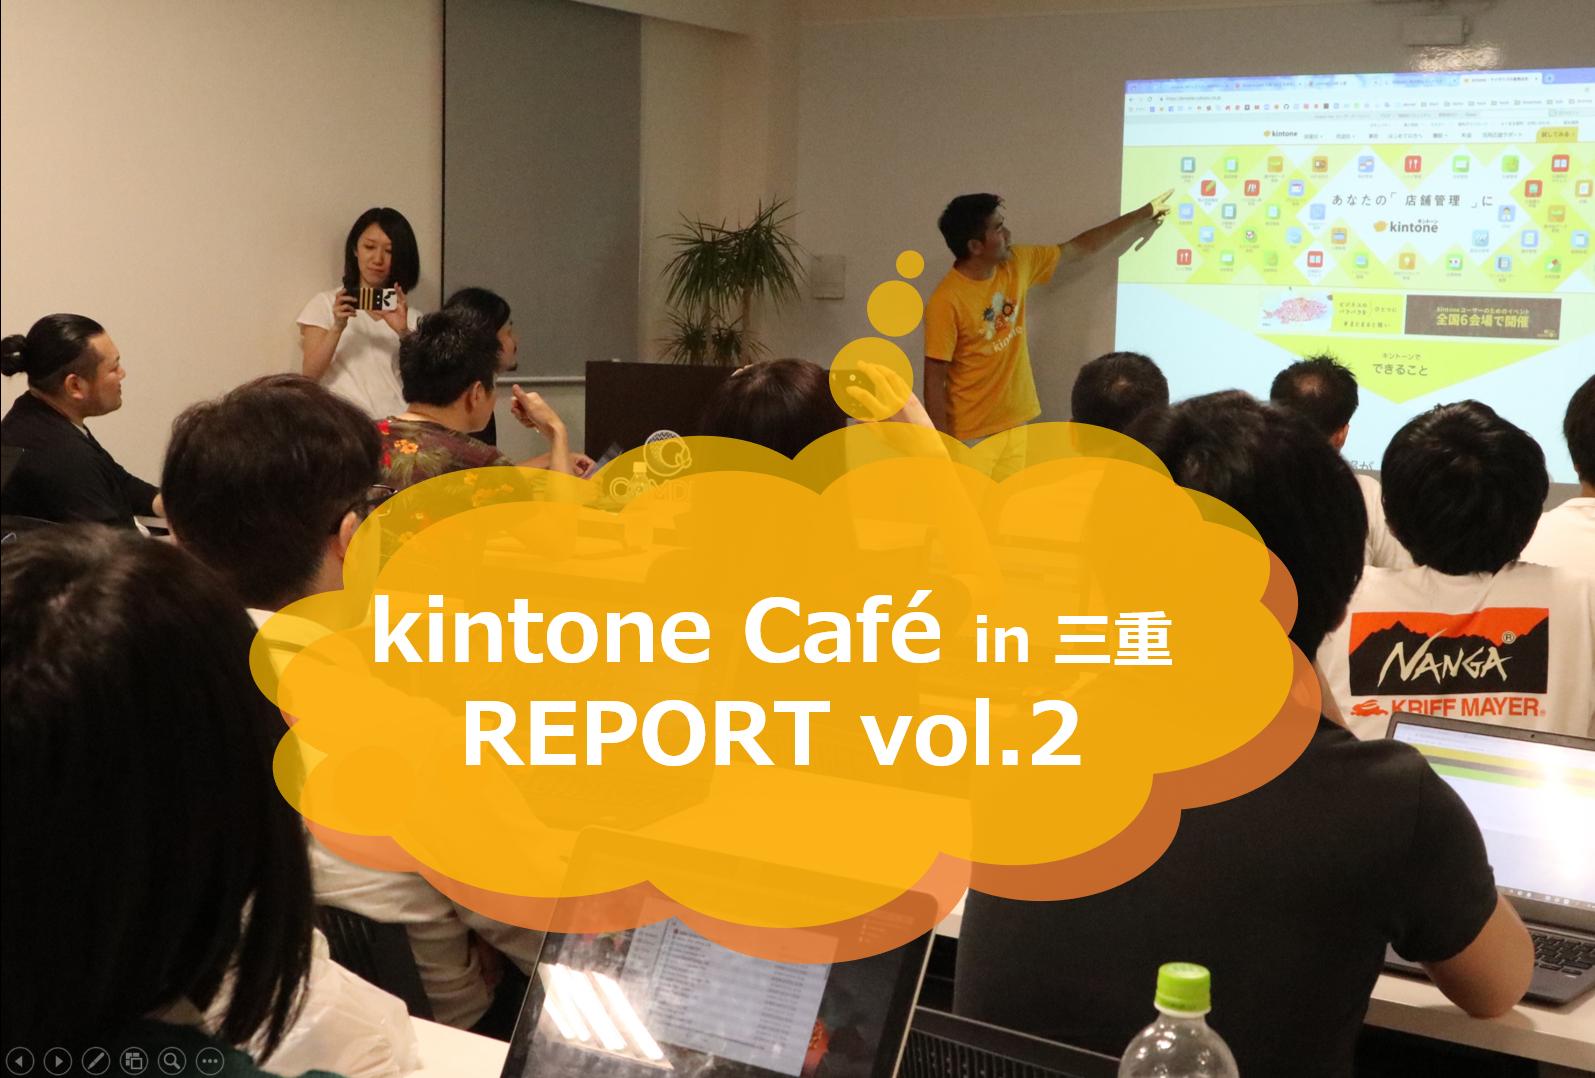 kintone Café(キントーンカフェ)三重Vol.2に参加してきました